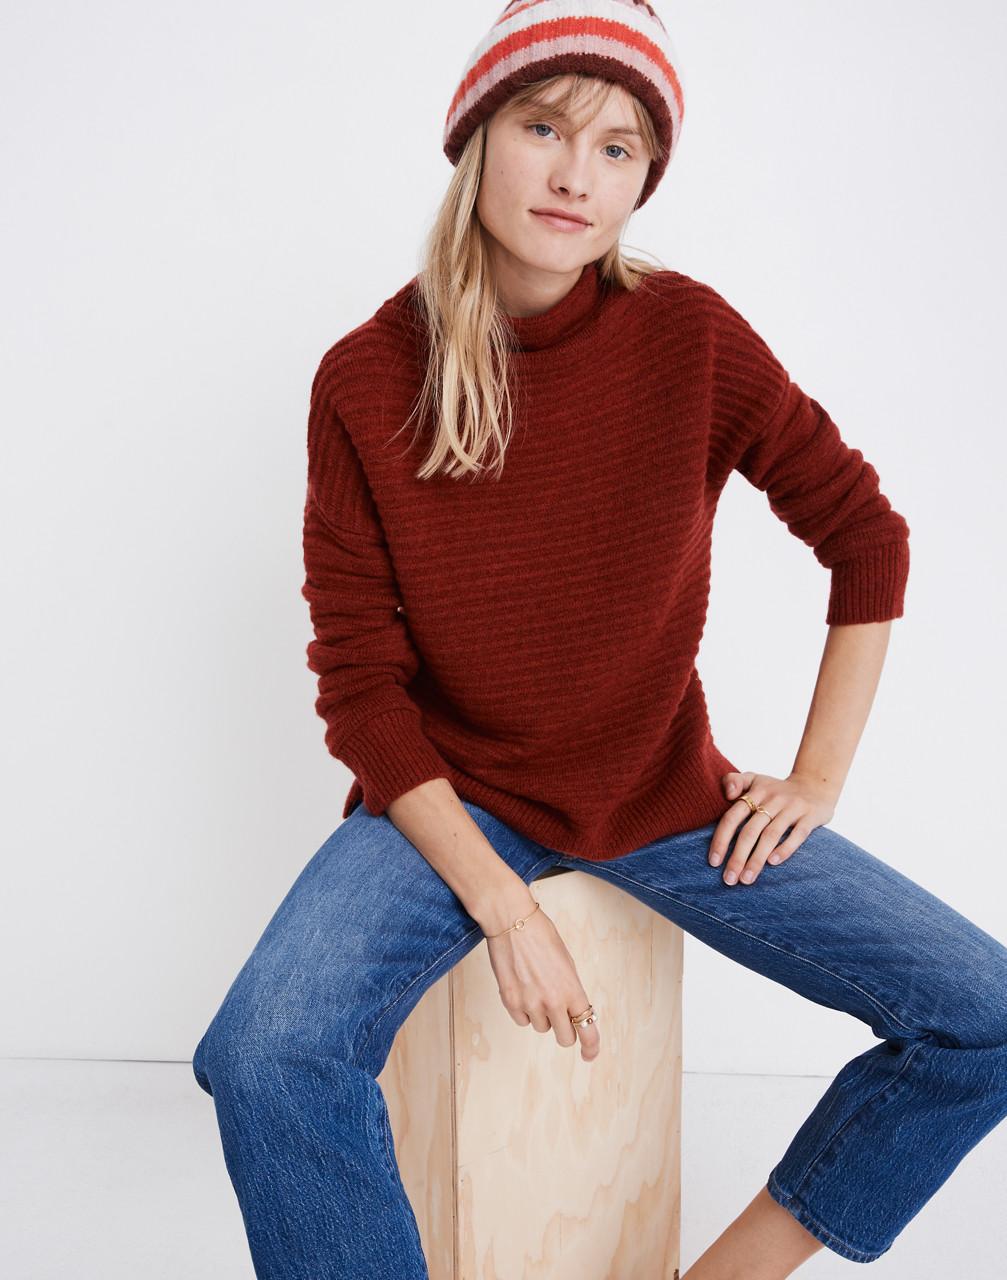 Belmont Mockneck Sweater in Coziest Yarn in heather carmine image 1